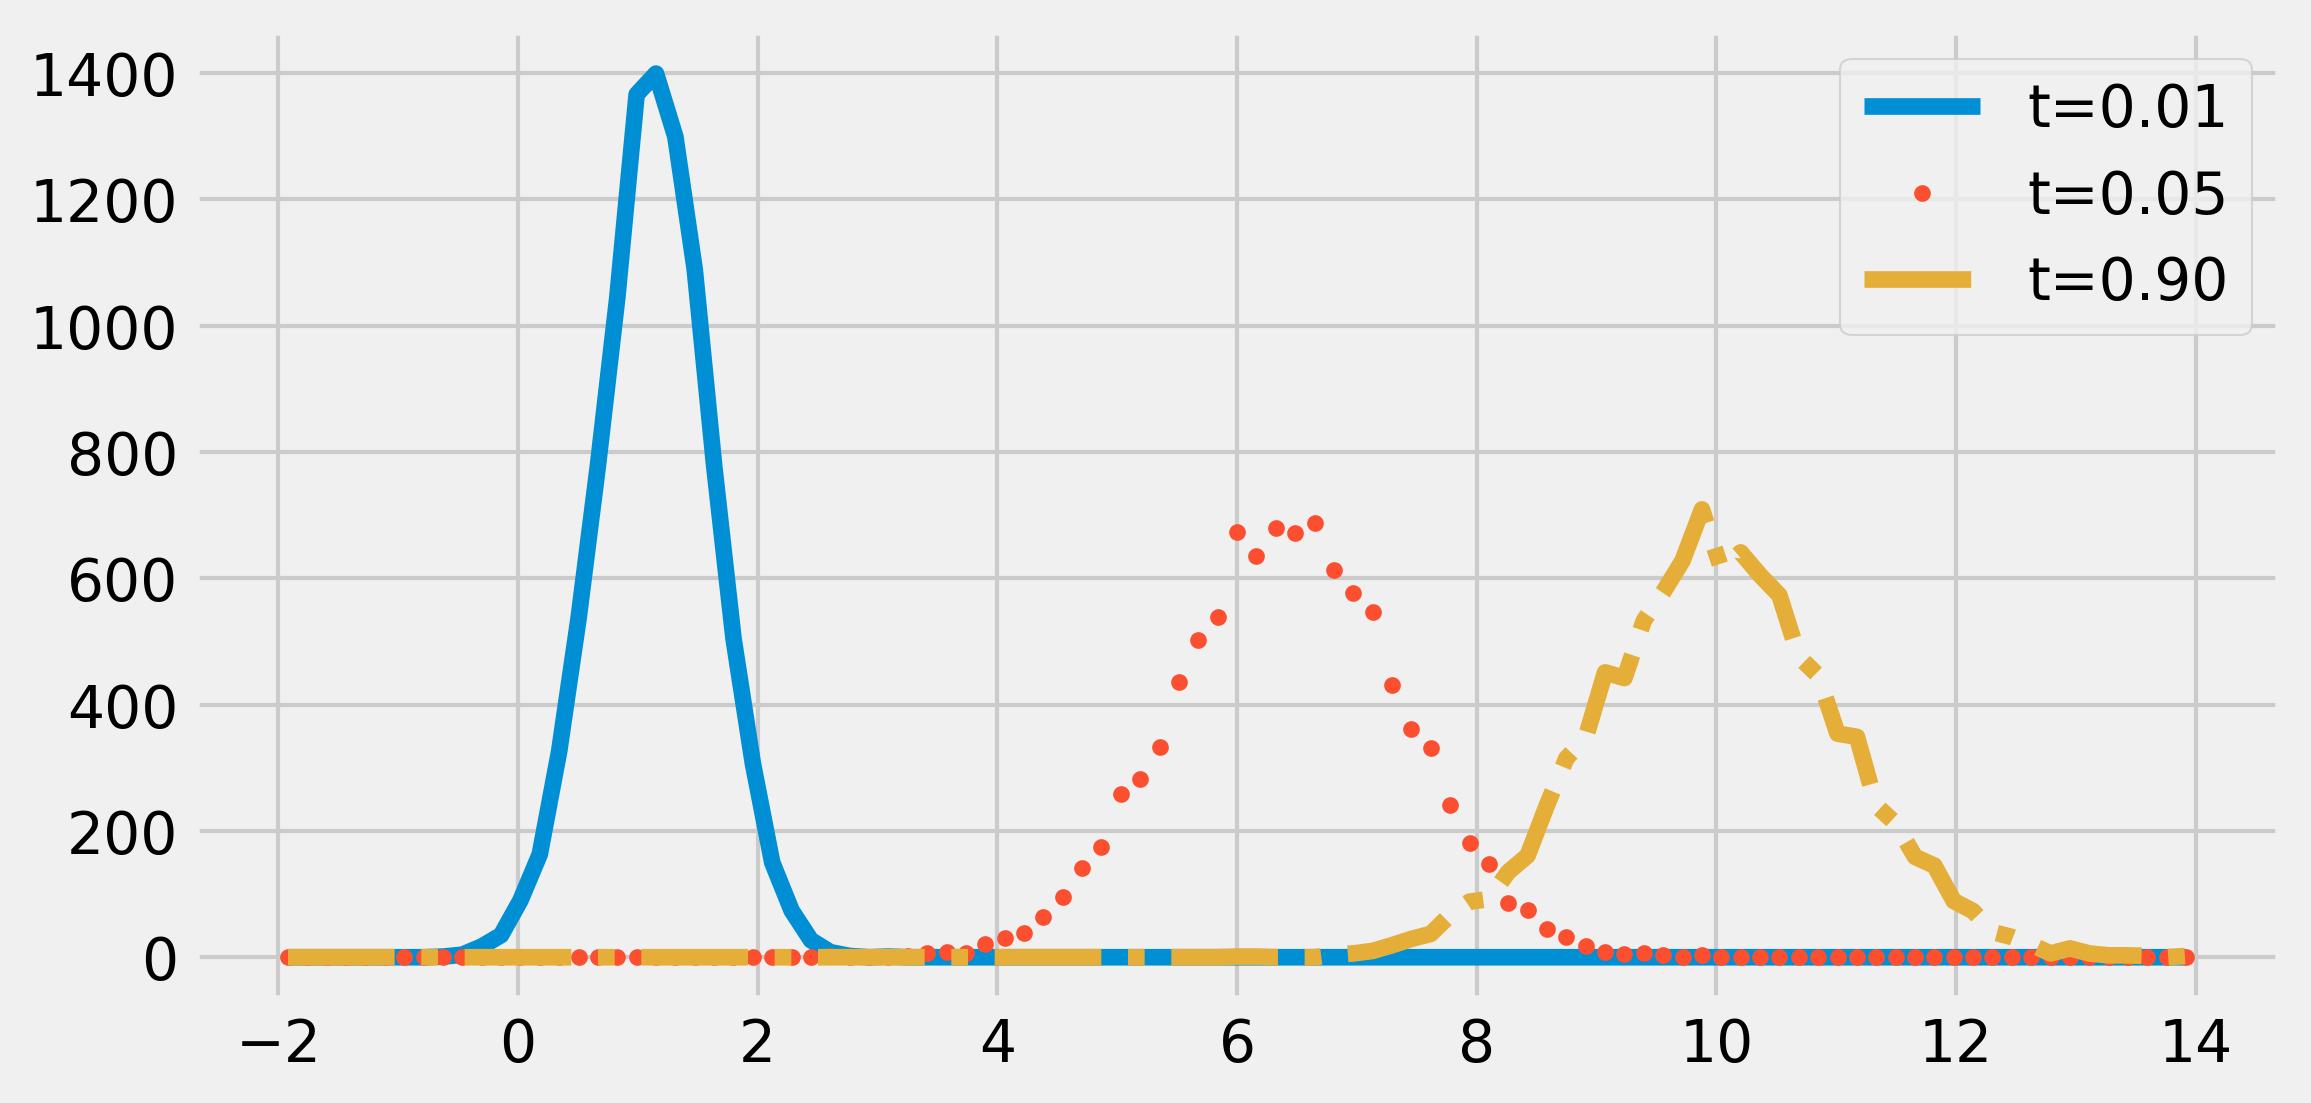 <matplotlib.figure.Figure at 0x6f6dba8>